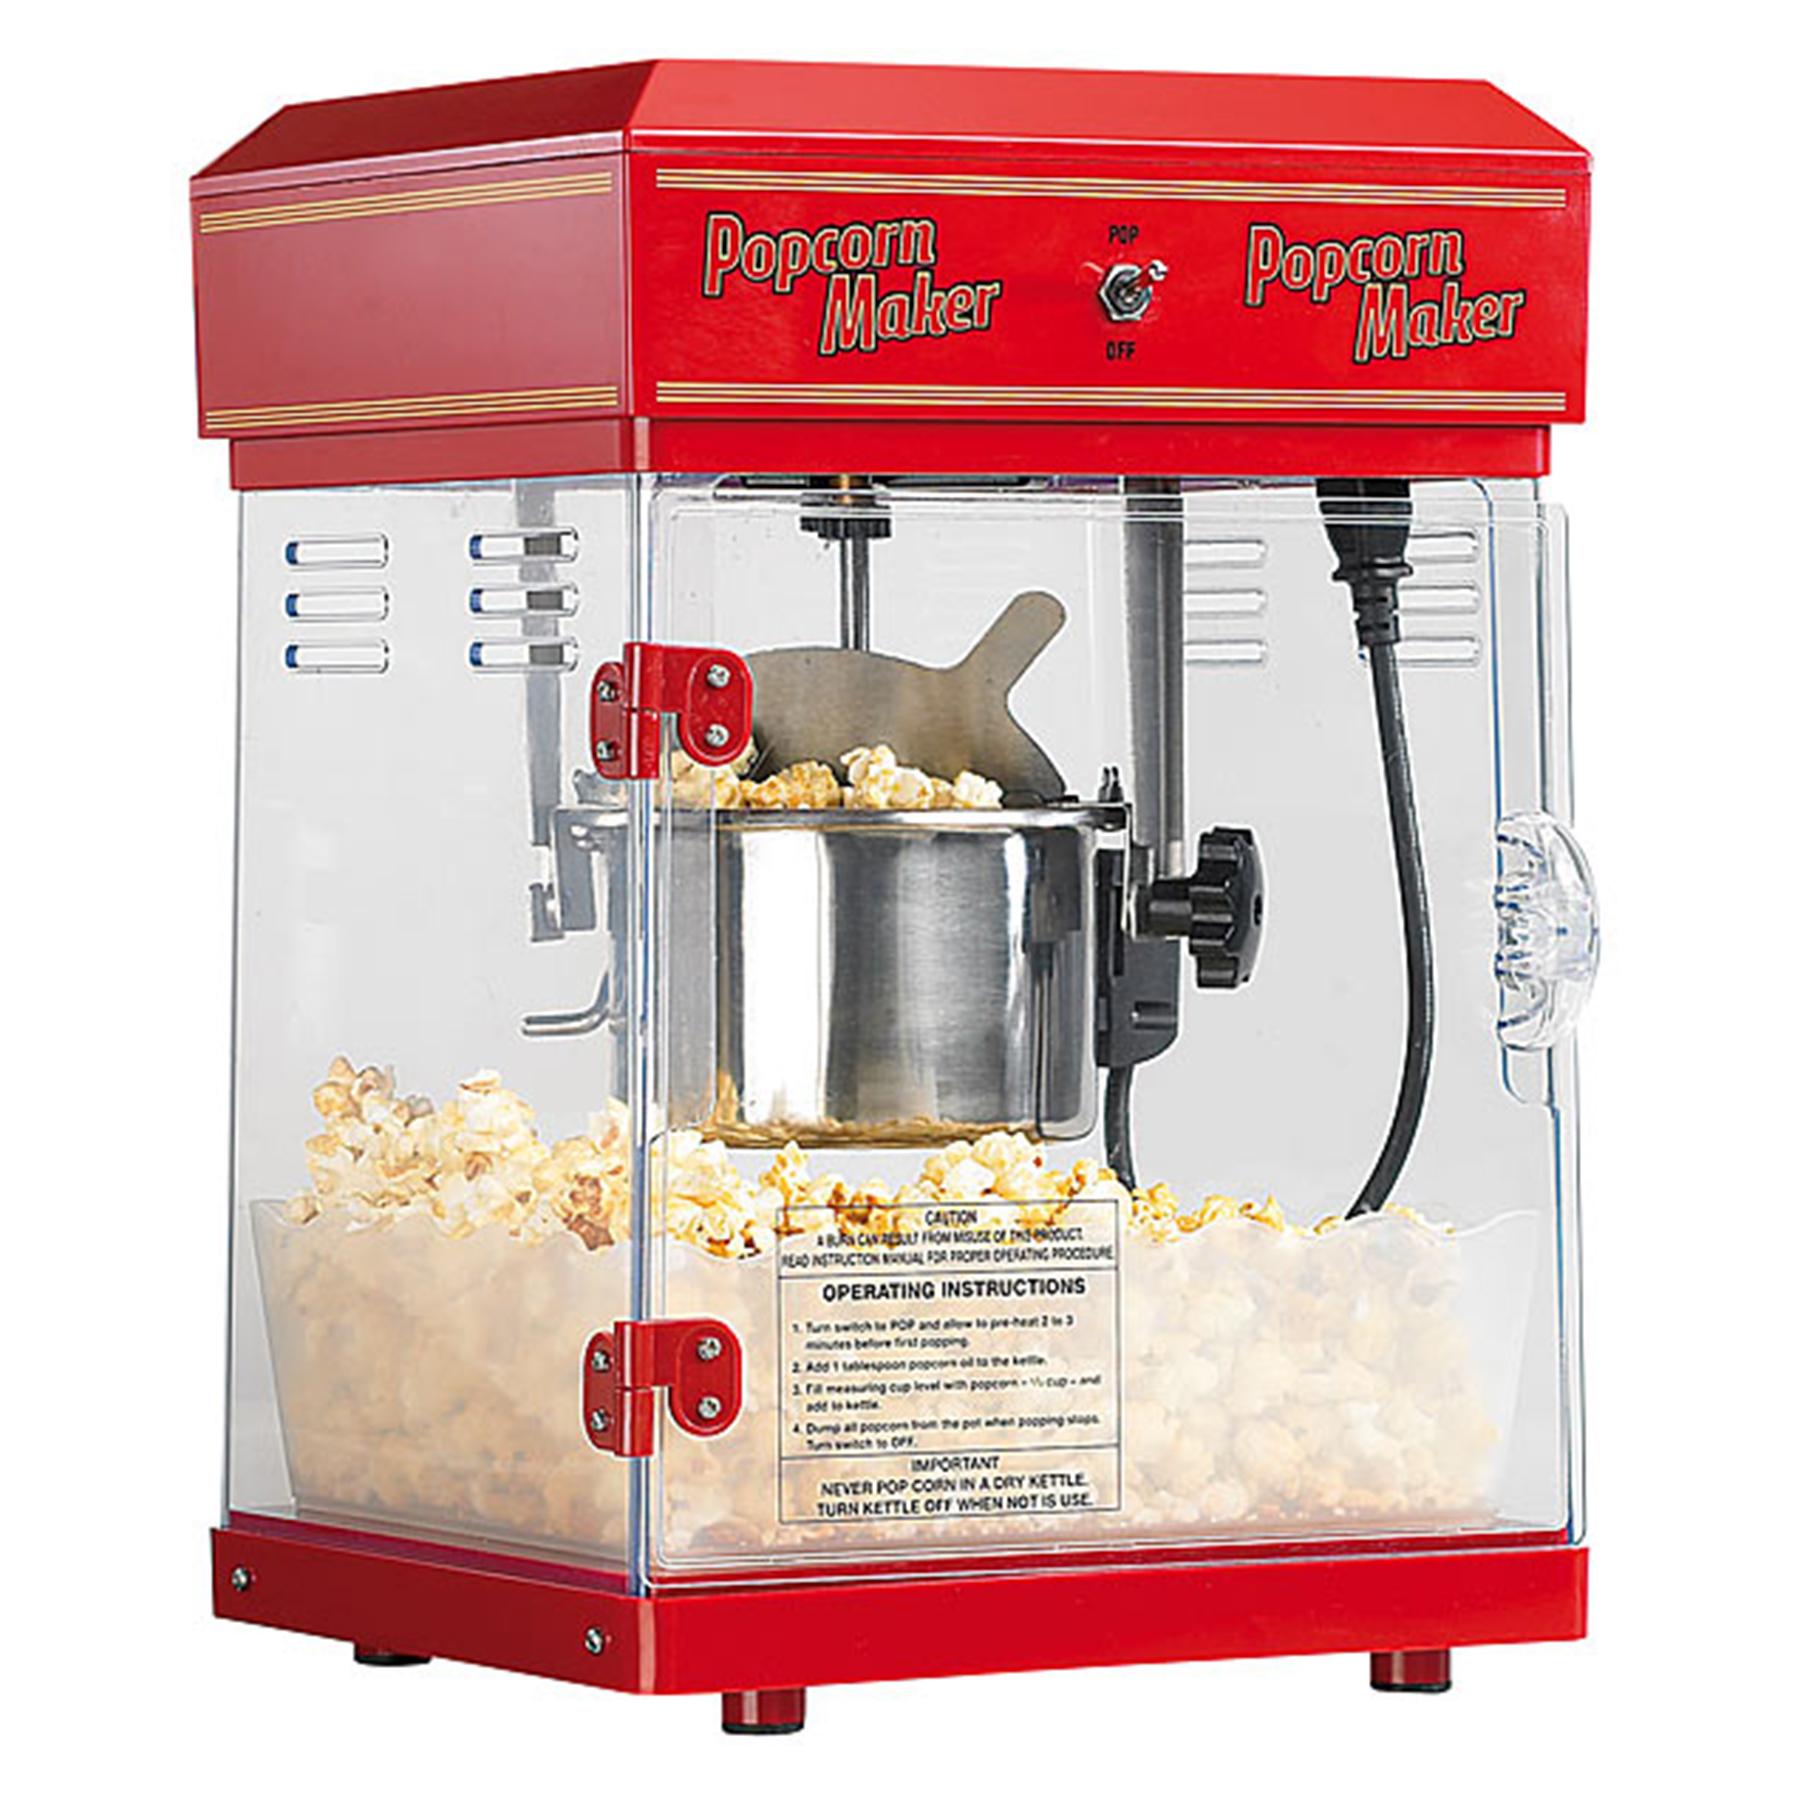 Popcornmaschine mit Wagen - Premium Edition - 5